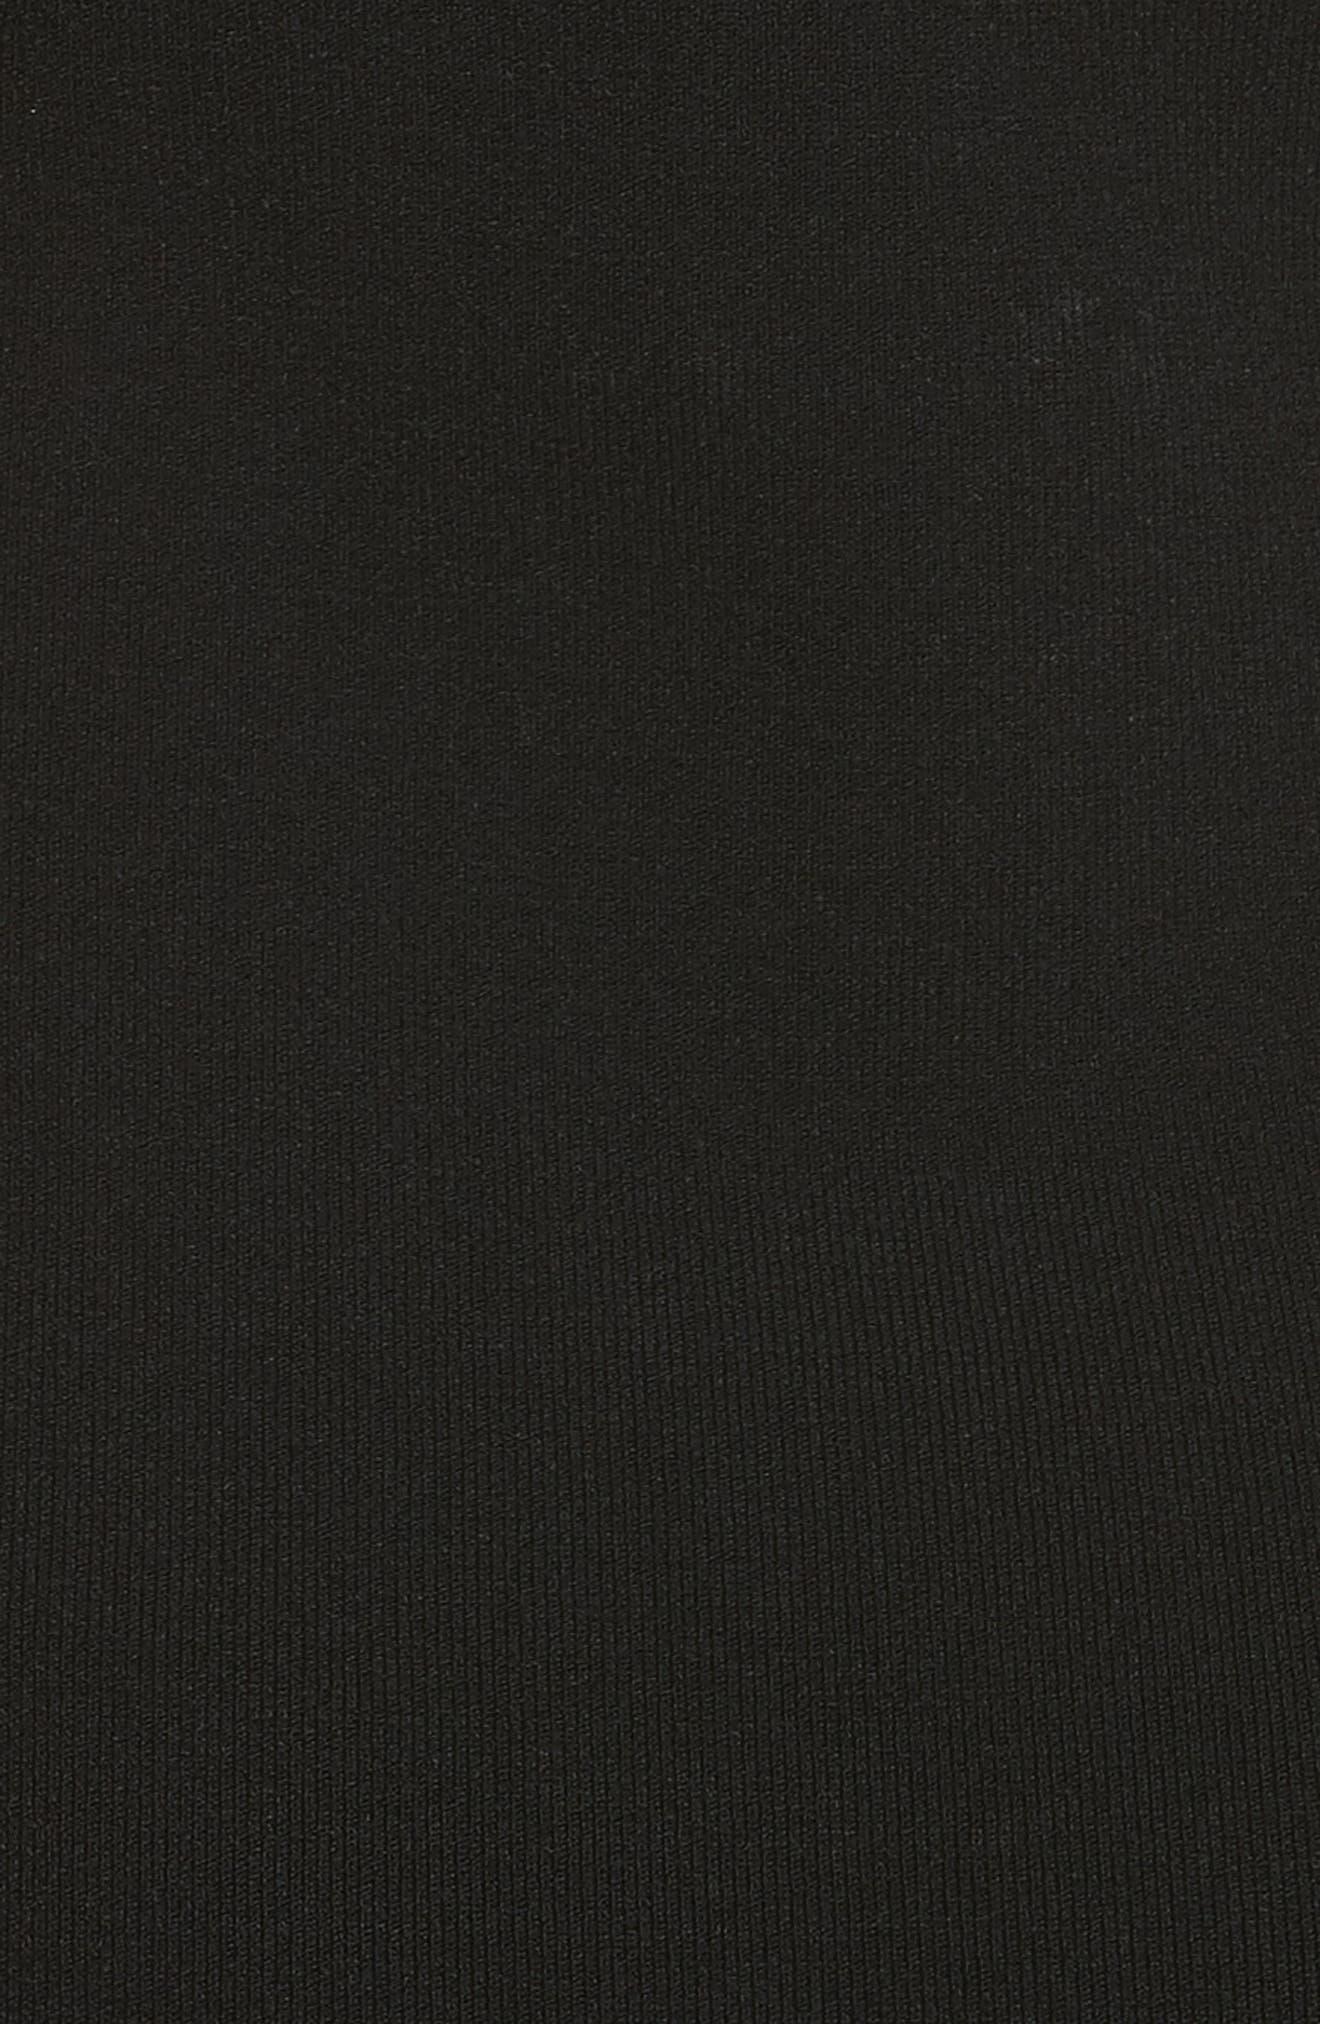 Sliced One-Shoulder Sheath Dress,                             Alternate thumbnail 5, color,                             001